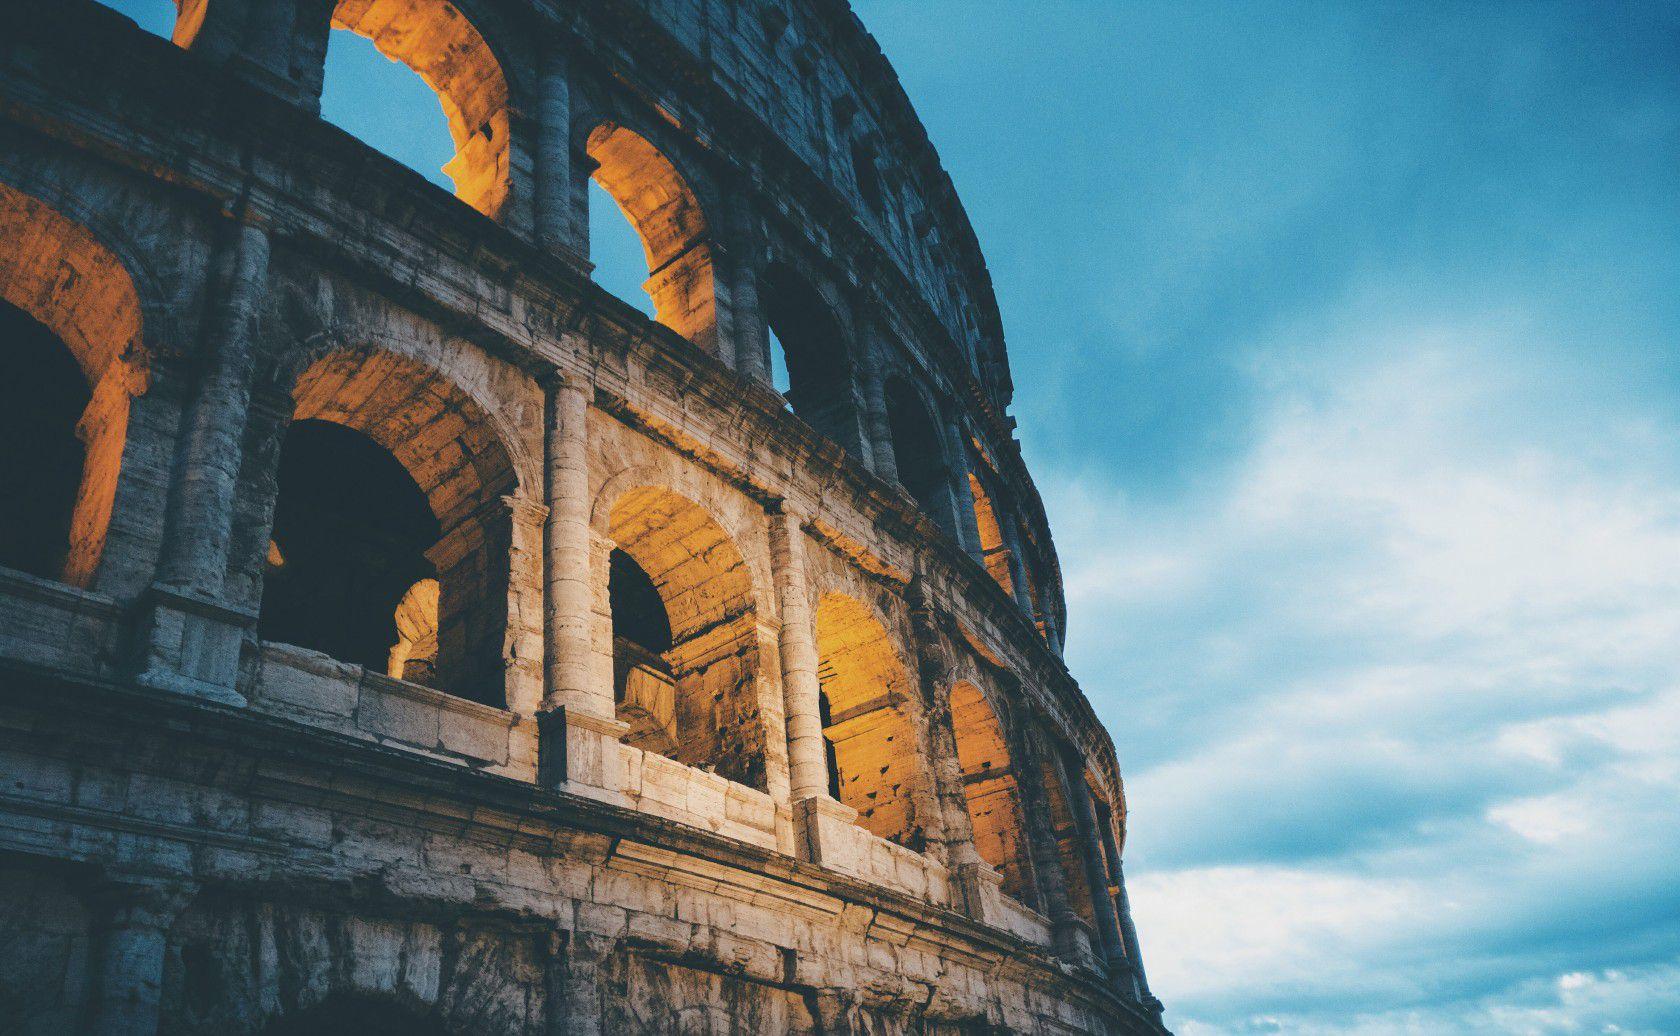 İtalya'da lise eğitimi almak isteyenleri bekleyen süreçler